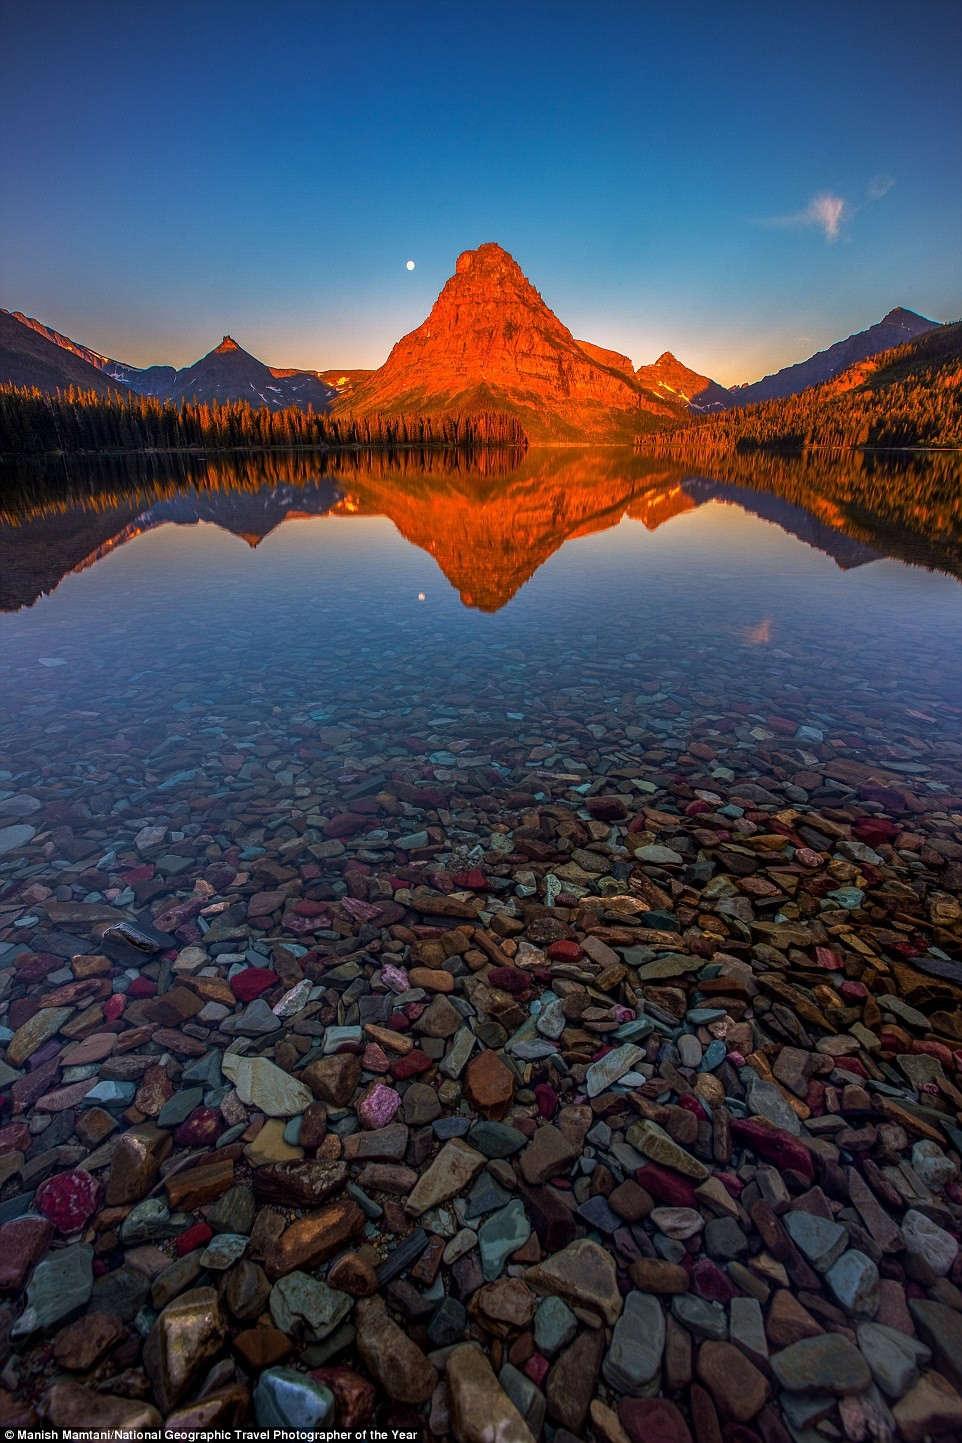 Bình minh trên hồ Medicine ở công viên quốc gia Glacier, Montana, Mỹ, với mặt nước phẳng lặng in bóng núi Sinopah.